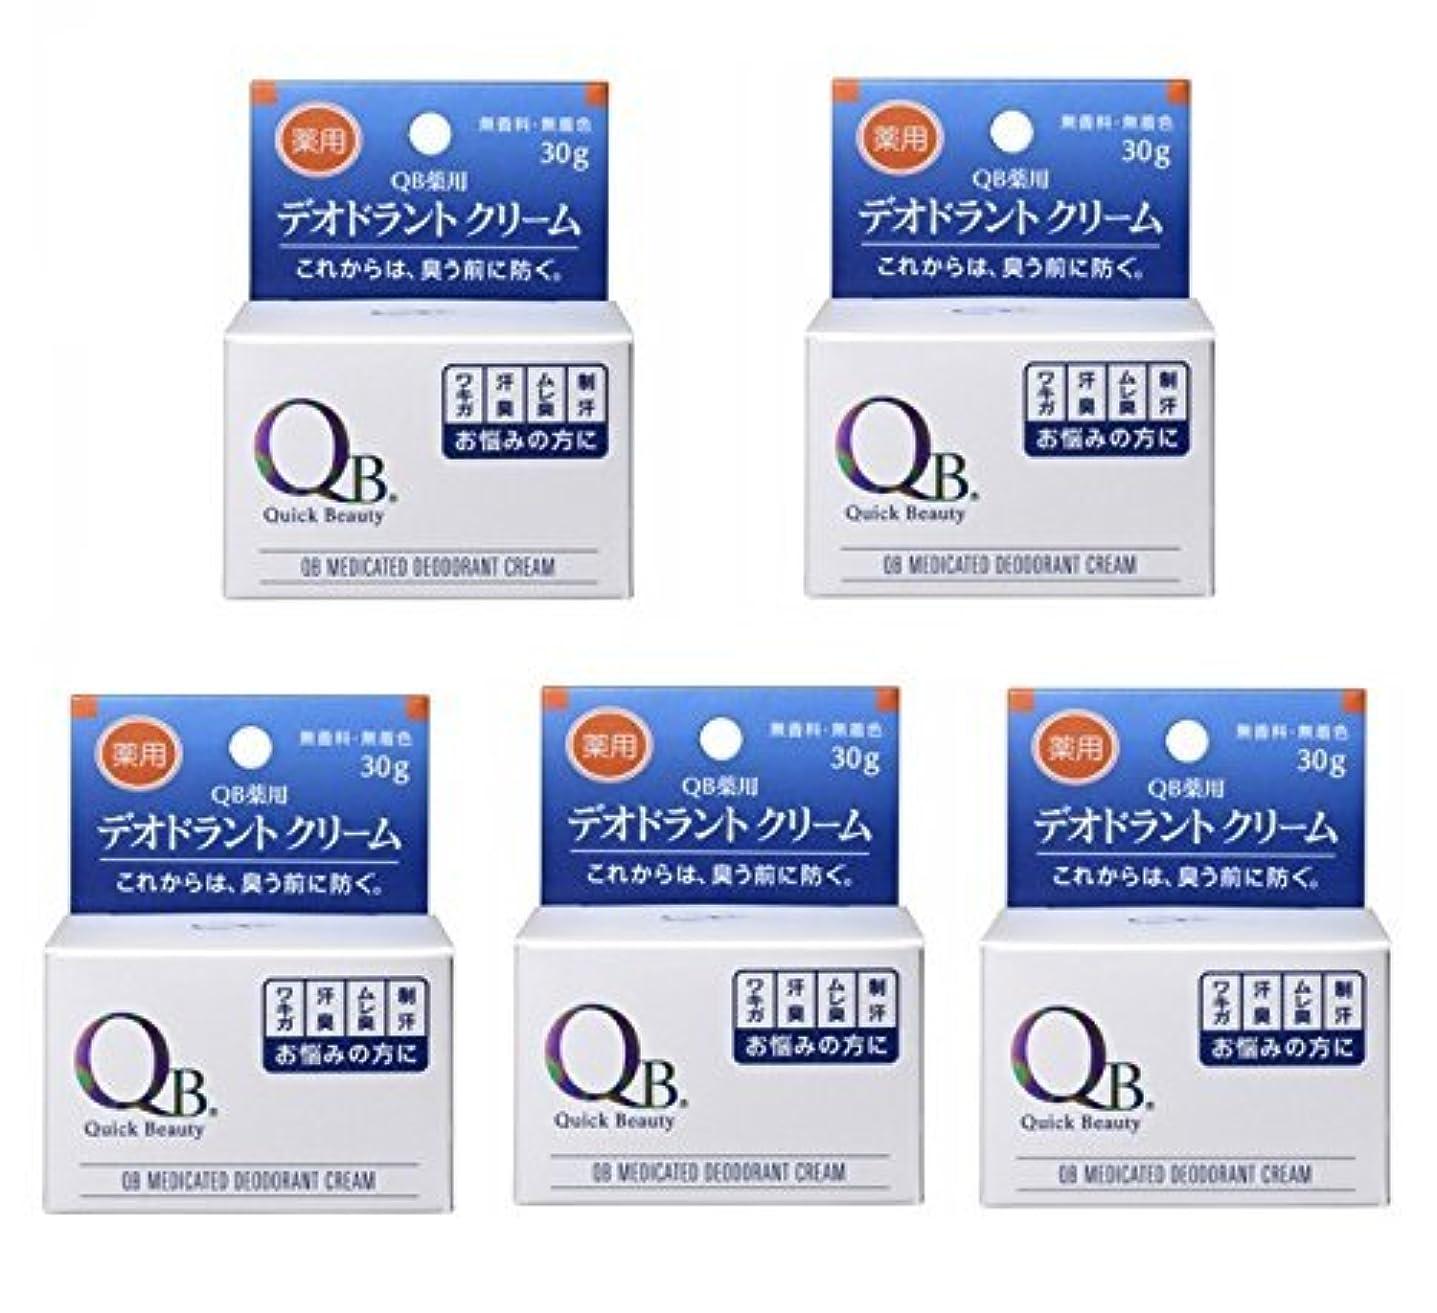 平和的勘違いするフィードオン※5個セットQB薬用デオドラントクリーム 30g 医薬部外品